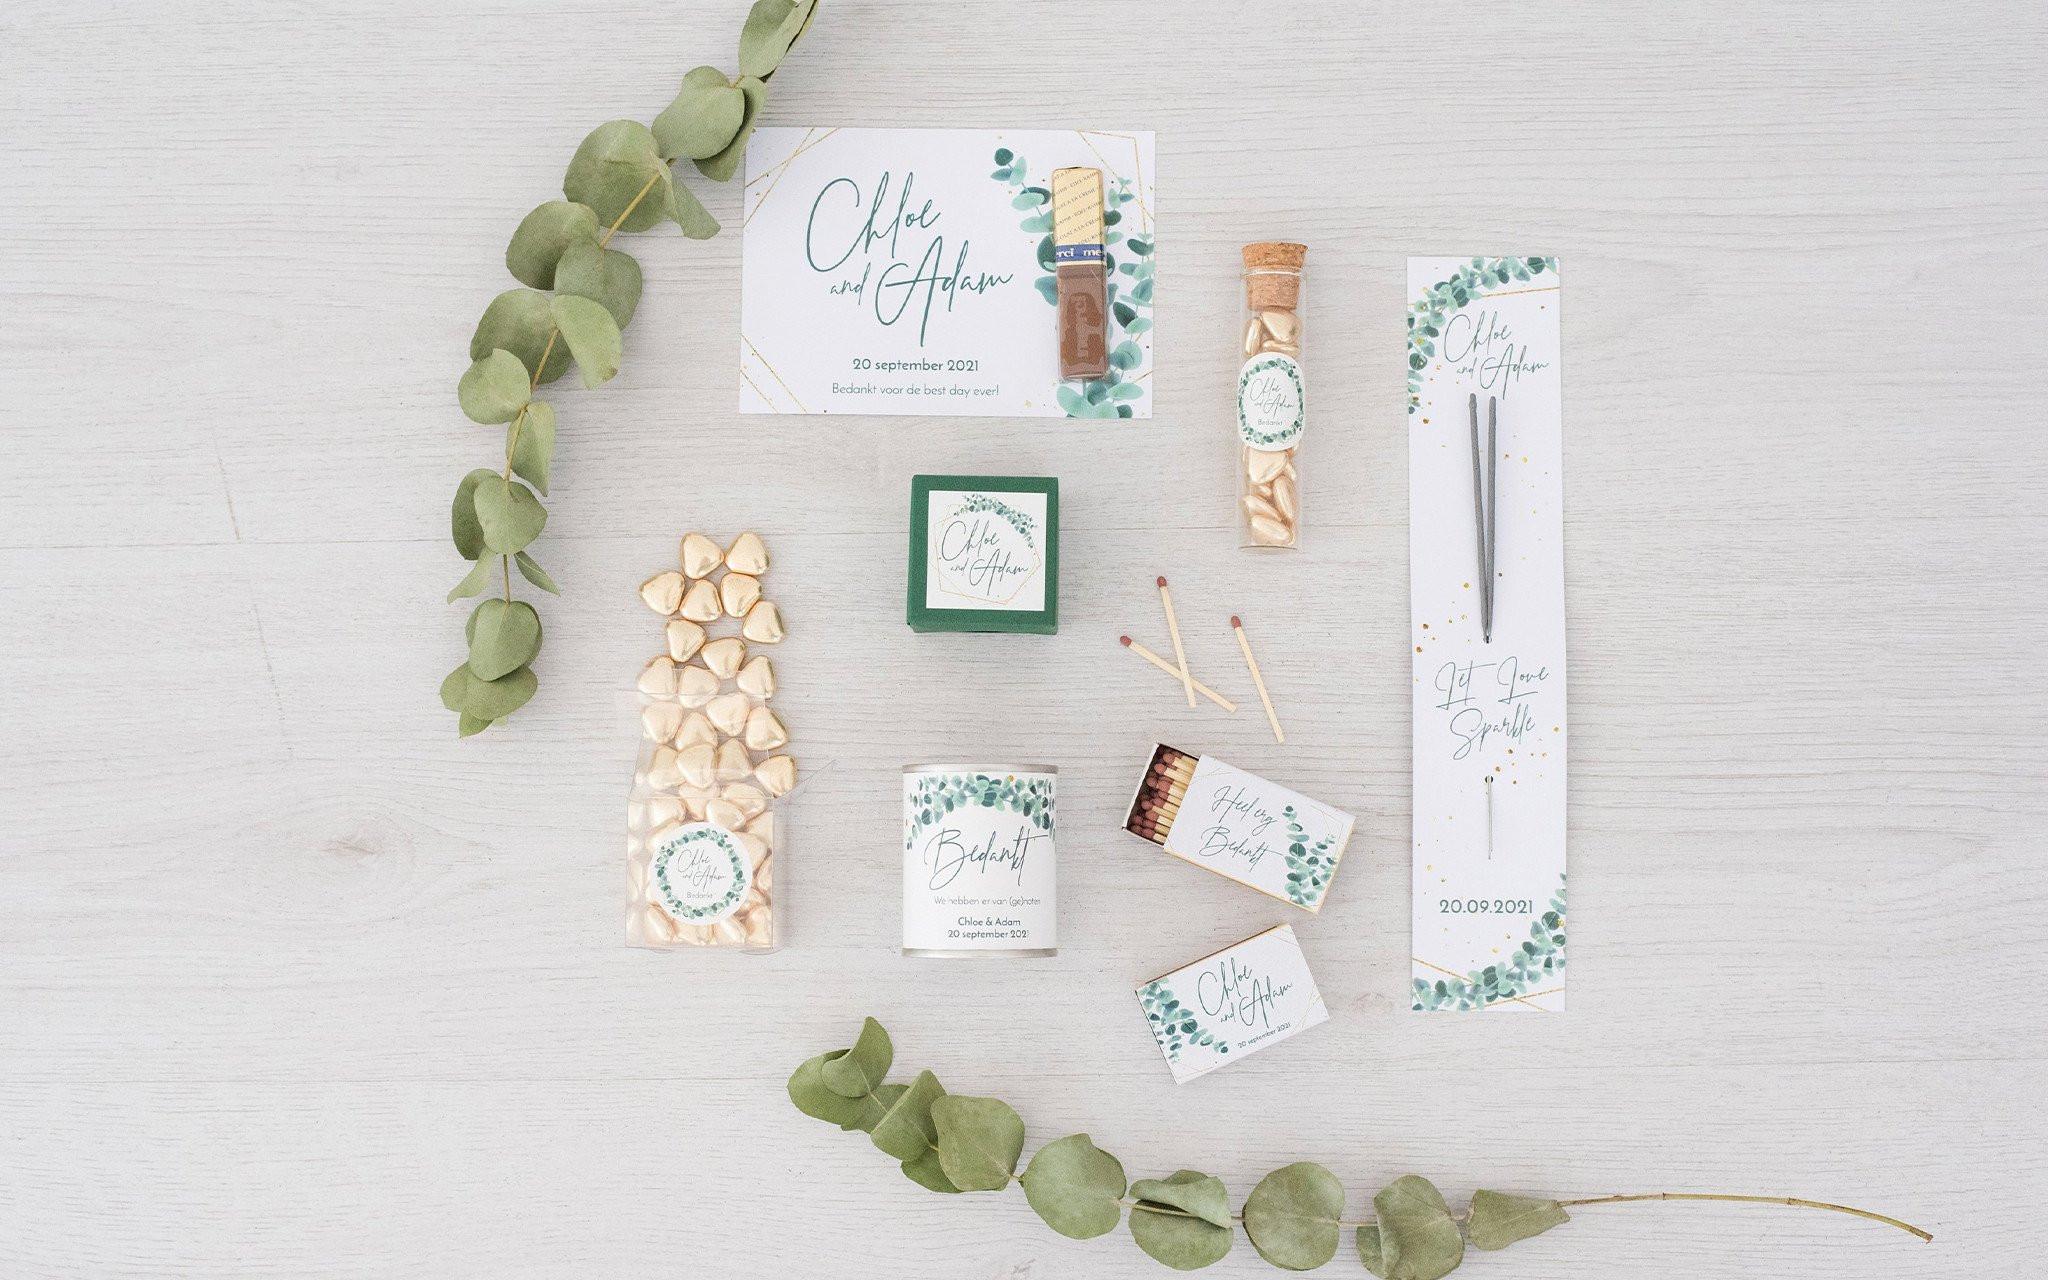 Originele Huwelijksbedankjes Leuke Ideetjes Voor